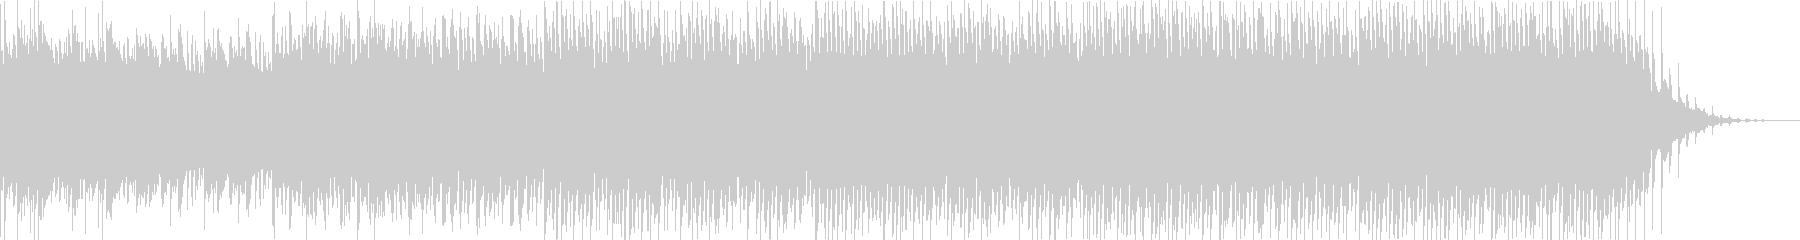 緊迫感のあるピアノエレクトロサウンドの未再生の波形